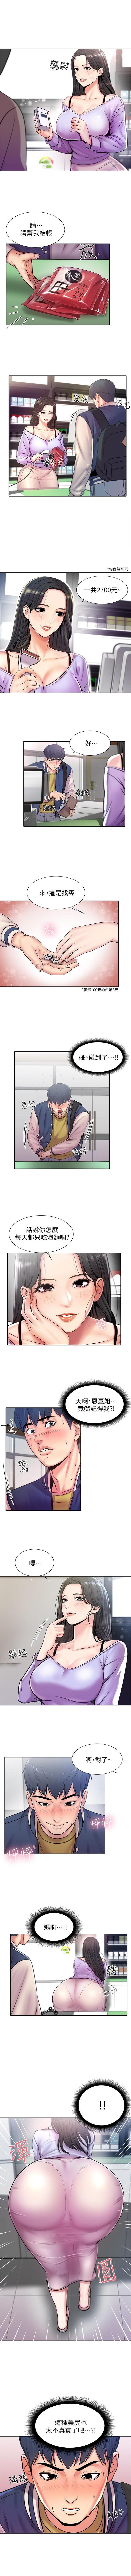 (週3)超市的漂亮姐姐 1-18 中文翻譯(更新中) 4